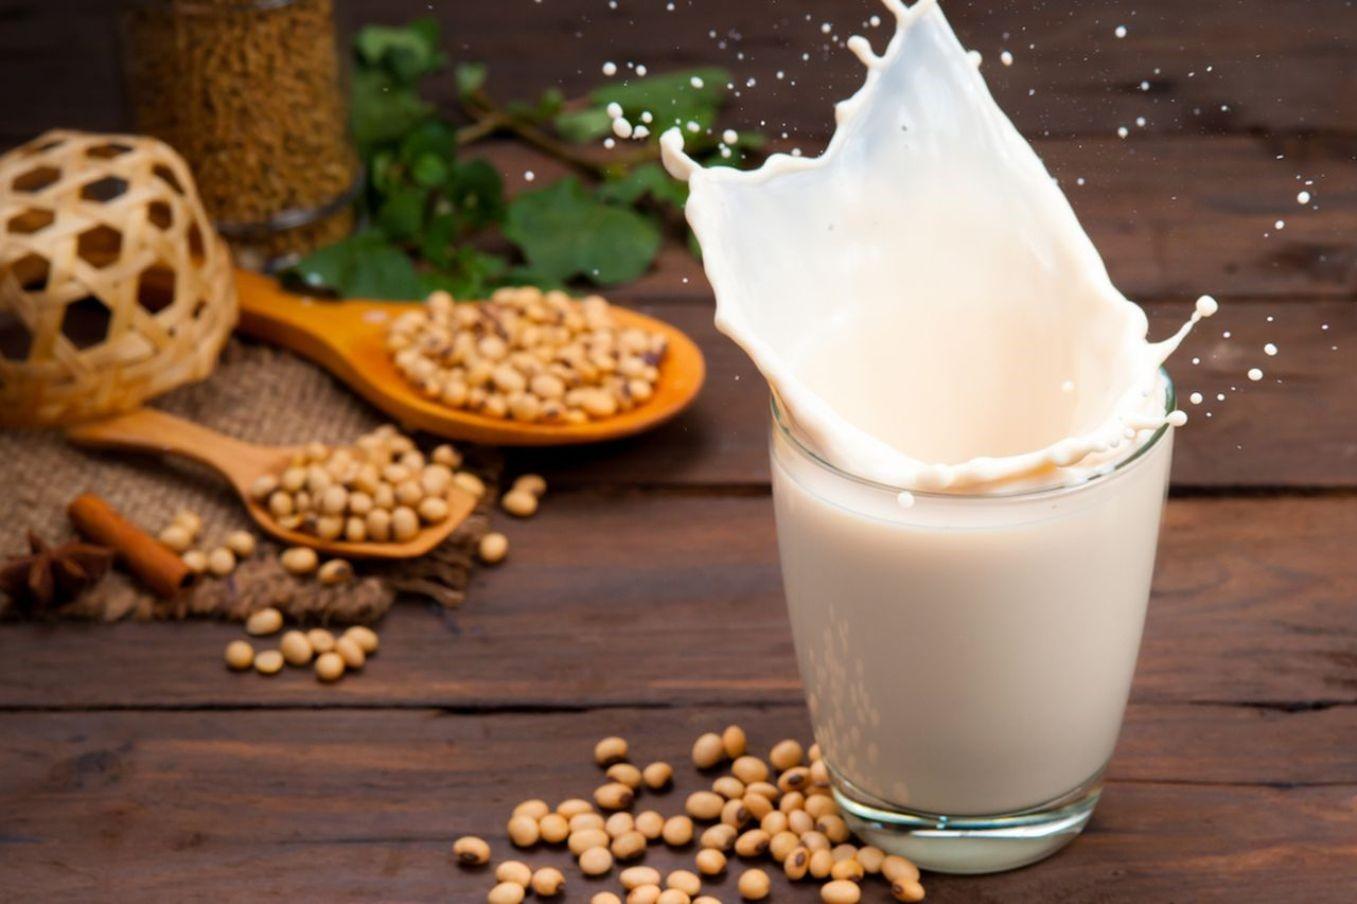 Benarkan Susu Kedelai Ampuh Obati Penyakit Pernafasan?